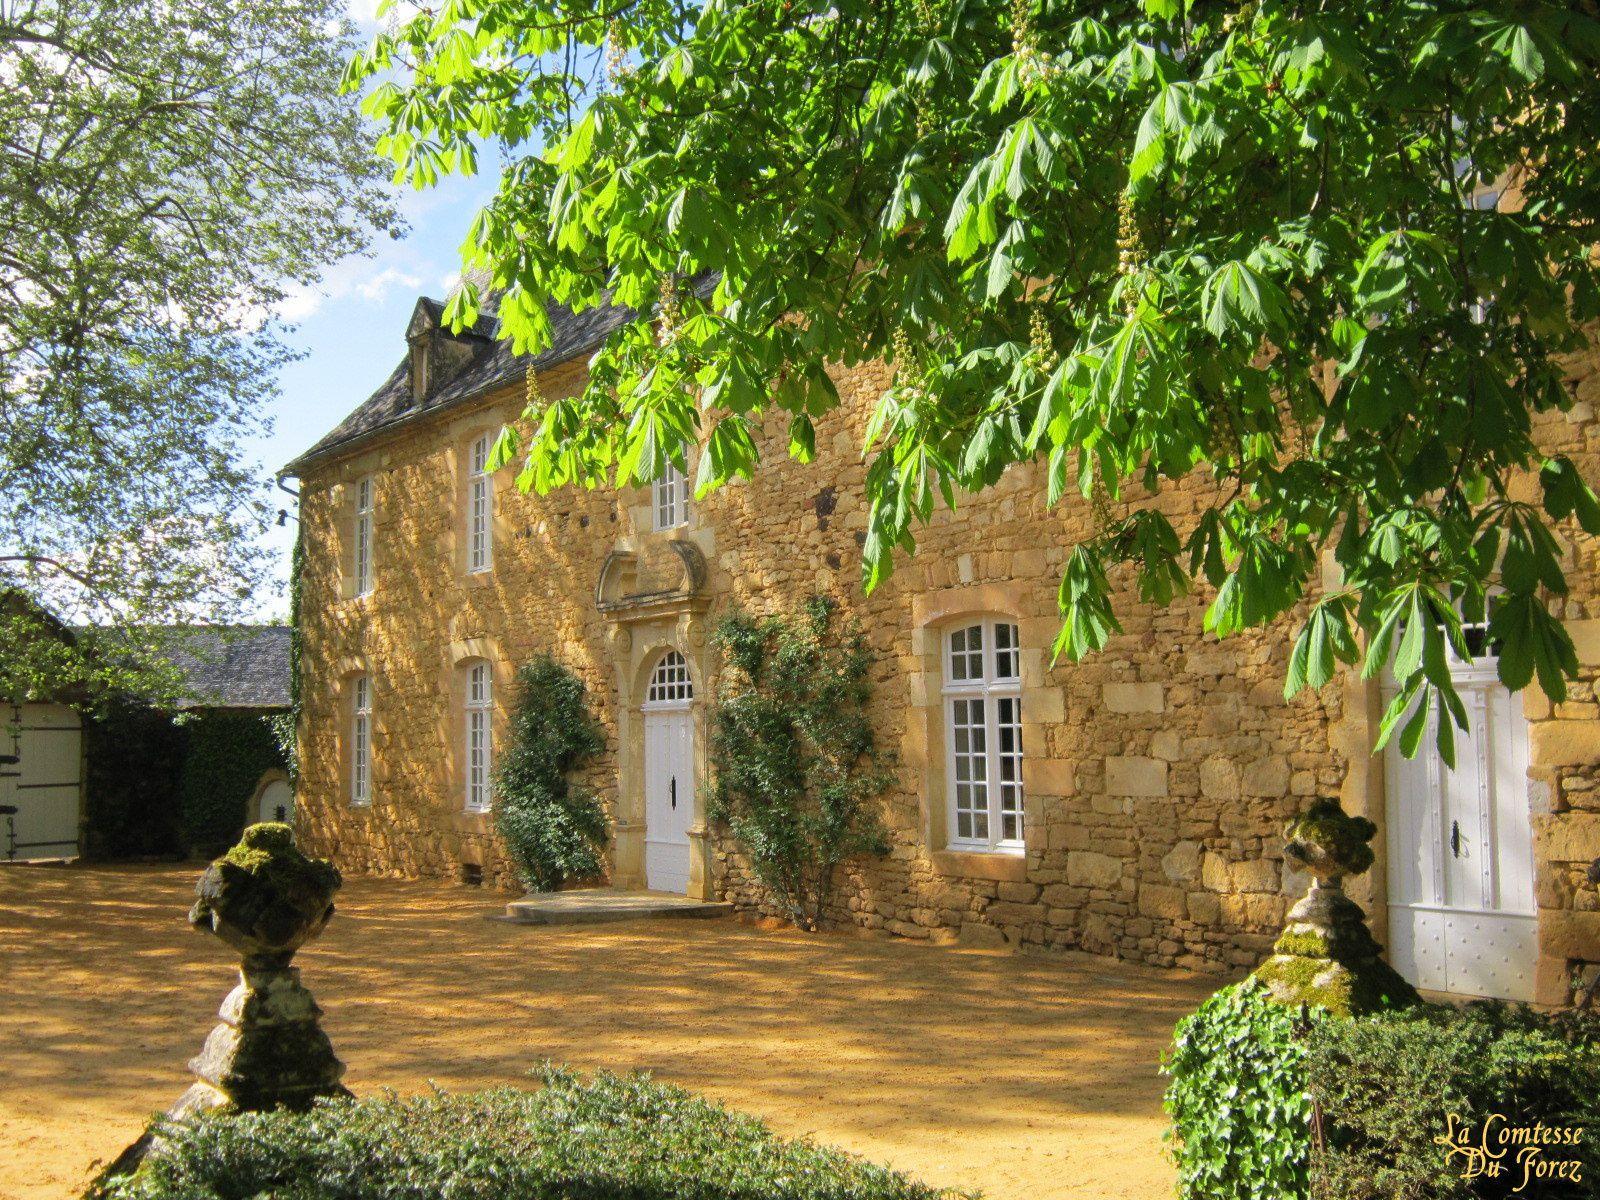 Le manoir actuel fut reconstruit par Antoine de Costes de la Calprenède au XVIIe siècle sur les ruines de l'ancien repaire noble. Les premiers jardins ont été conçus au XVIIIe siècle, à l'initiative de Louis-Antoine Gabriel de la Calprenède (l'arrière-petit-fils d'Antoine) : jardins à la française inspirés par ceux des villas d'Italie comme le goût de l'époque le voulait. Ils furent complètement remaniés au XIXe siècle pour suivre la nouvelle mode, et devinrent un parc à l'anglaise.